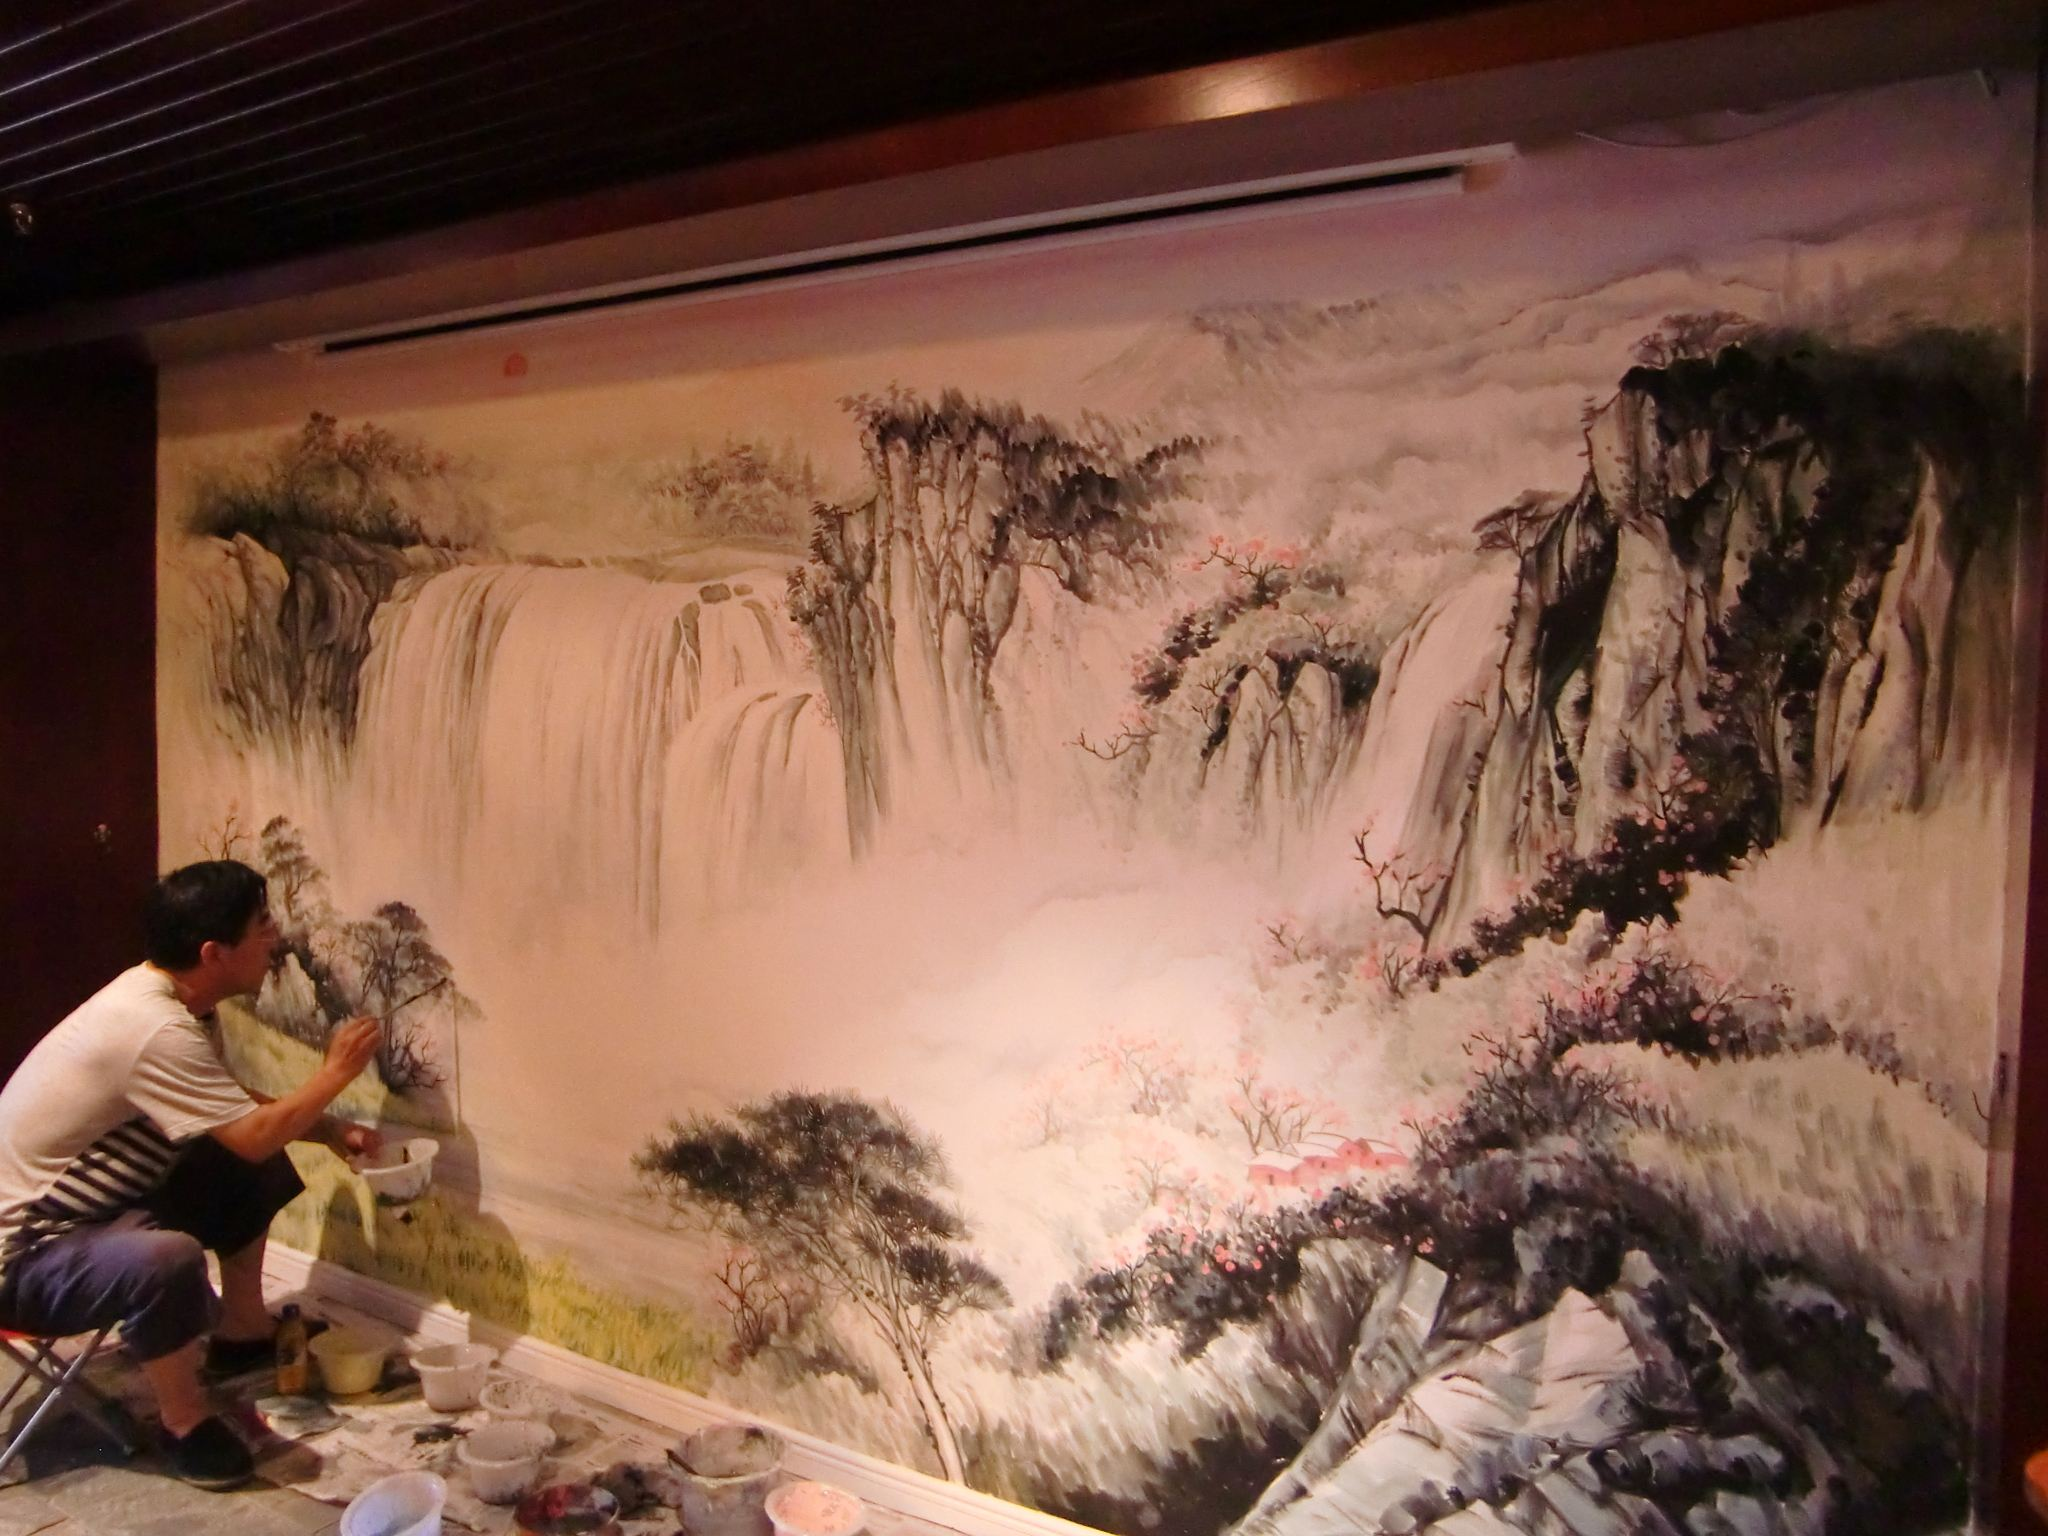 九江墙手绘,九江墙壁手绘,九江乡村文化墙彩绘,九江墙体彩绘涂鸦